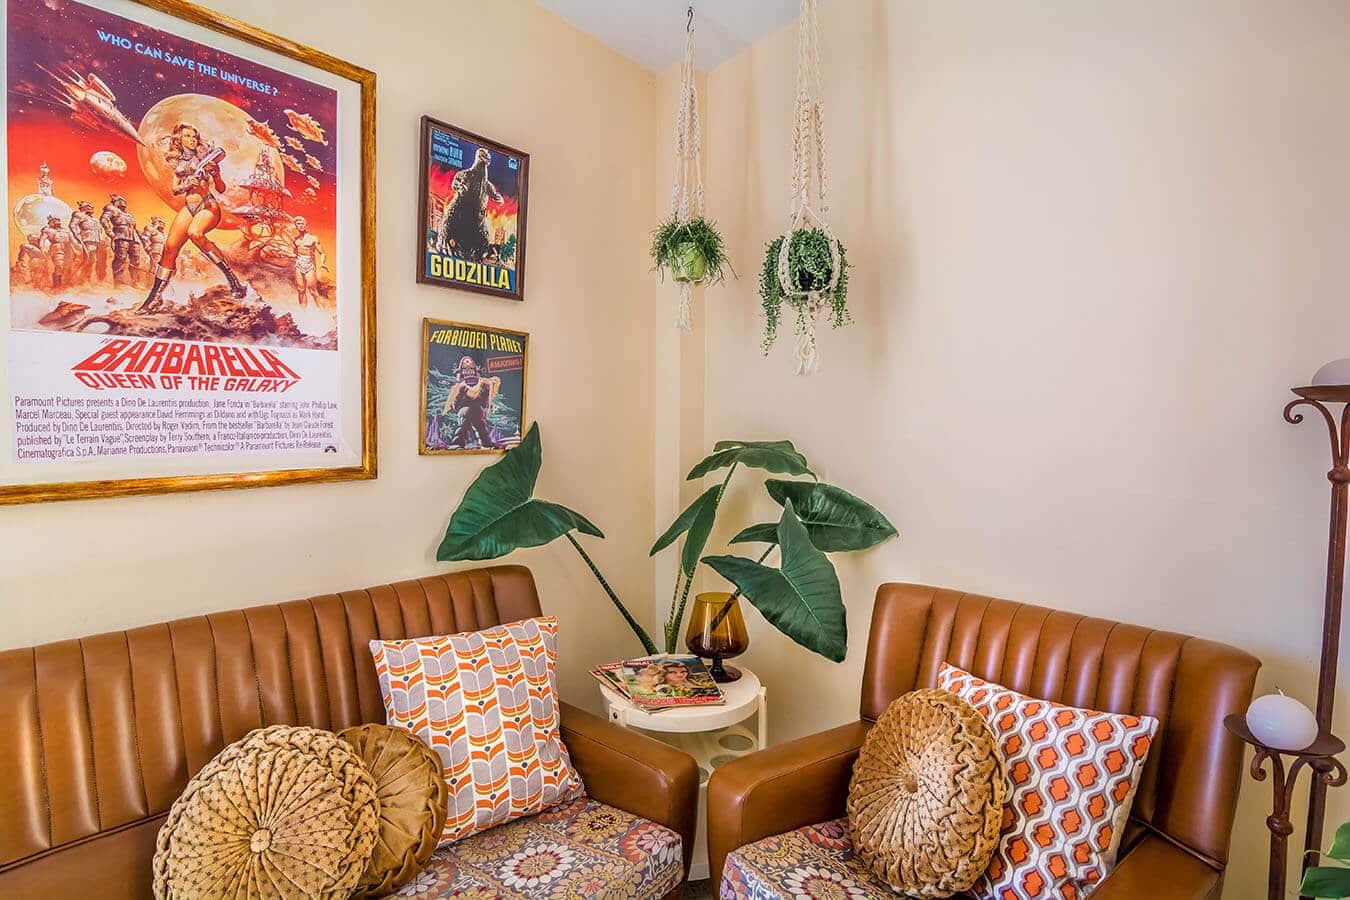 Das Wohnzimmer der 50er Jahre | Createbeautifulthings